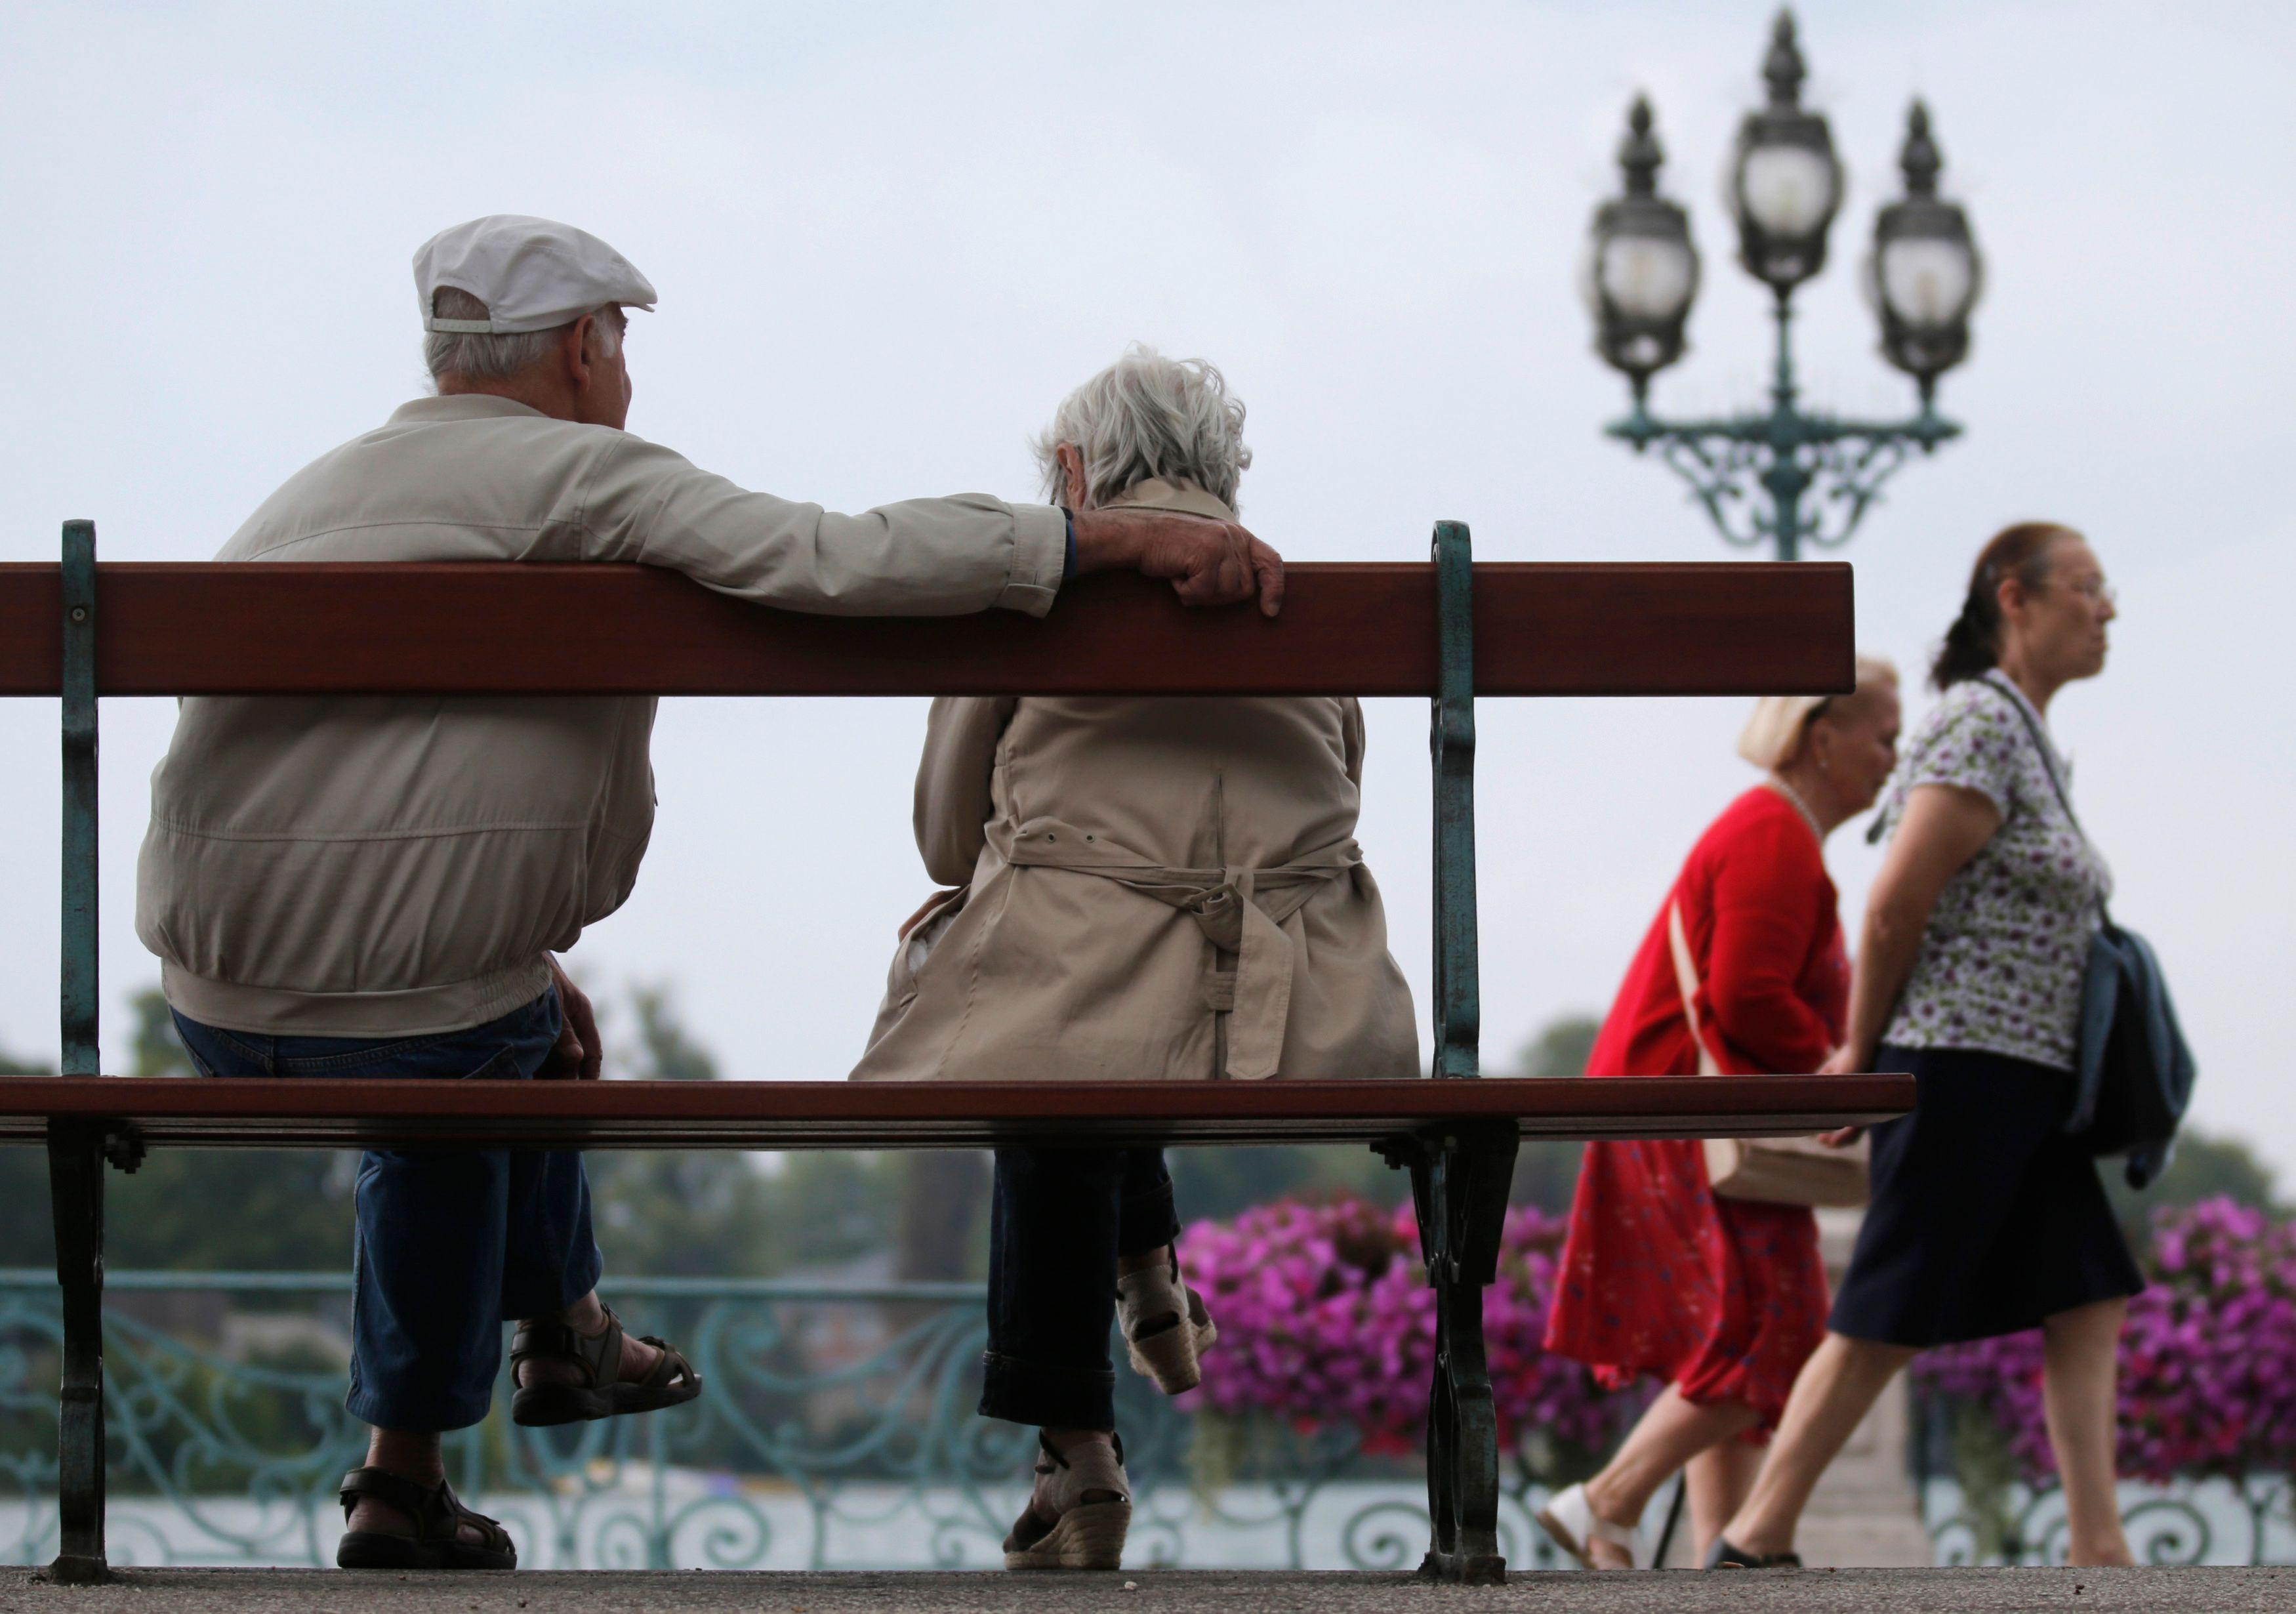 Seulement 26% des Français sont confiants concernant le versement d'une pension de retraite jugée convenable.